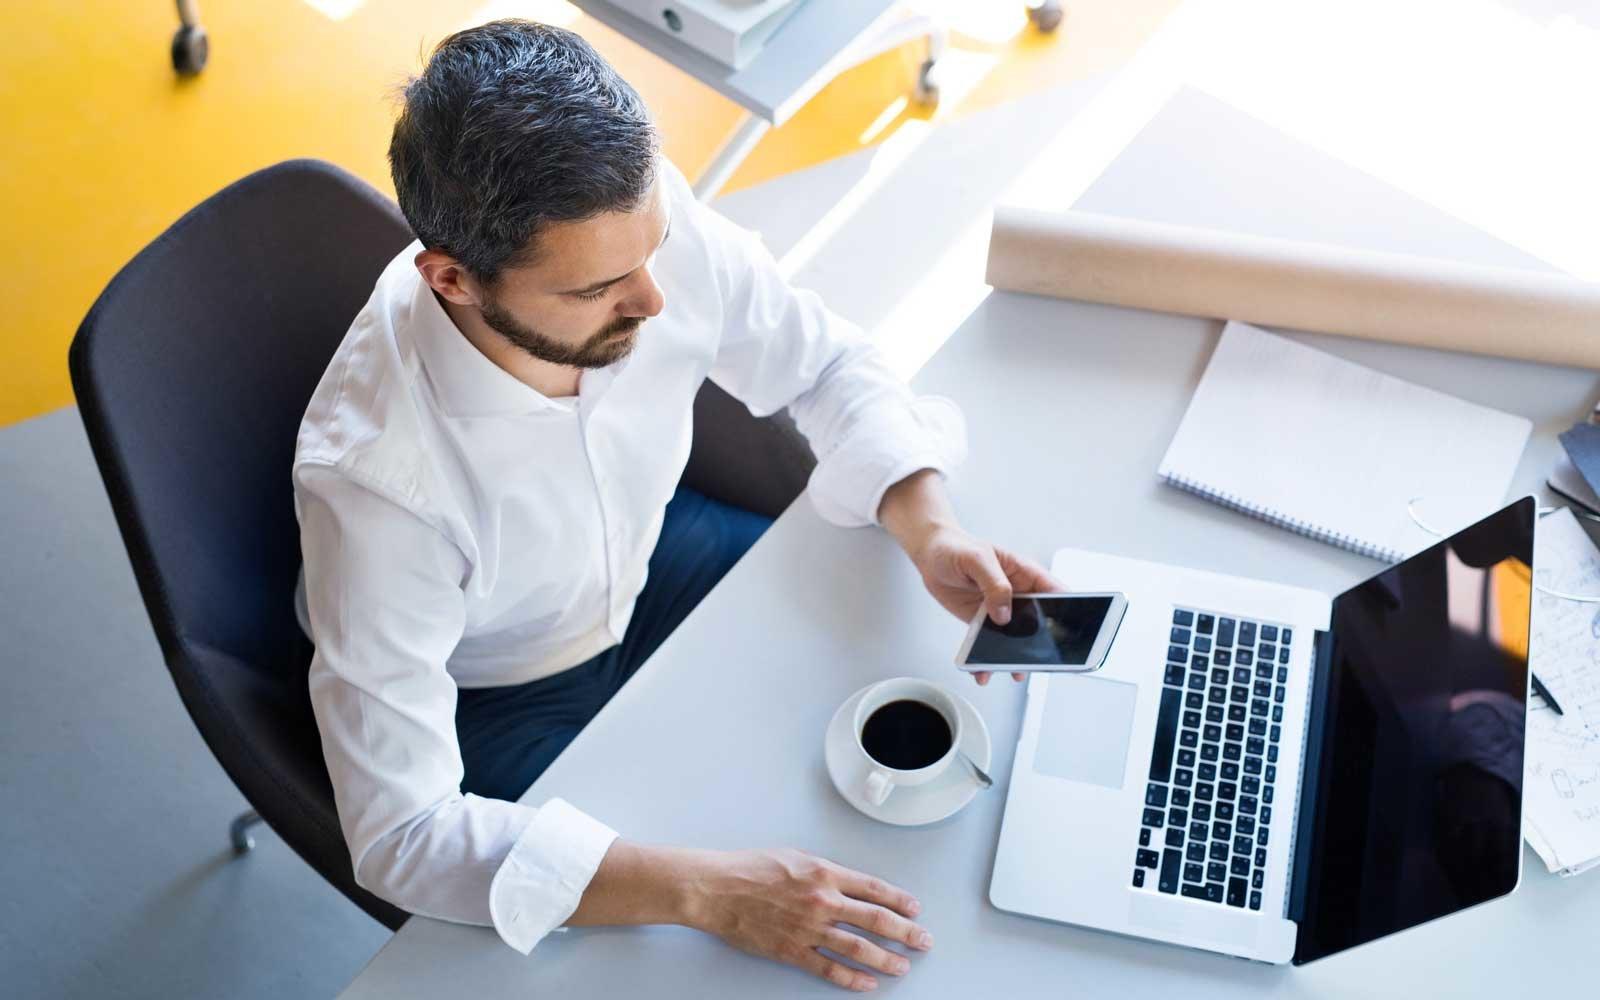 PensGroup.com - Bí quyết để tuyển dụng nhân sự tốt nhất